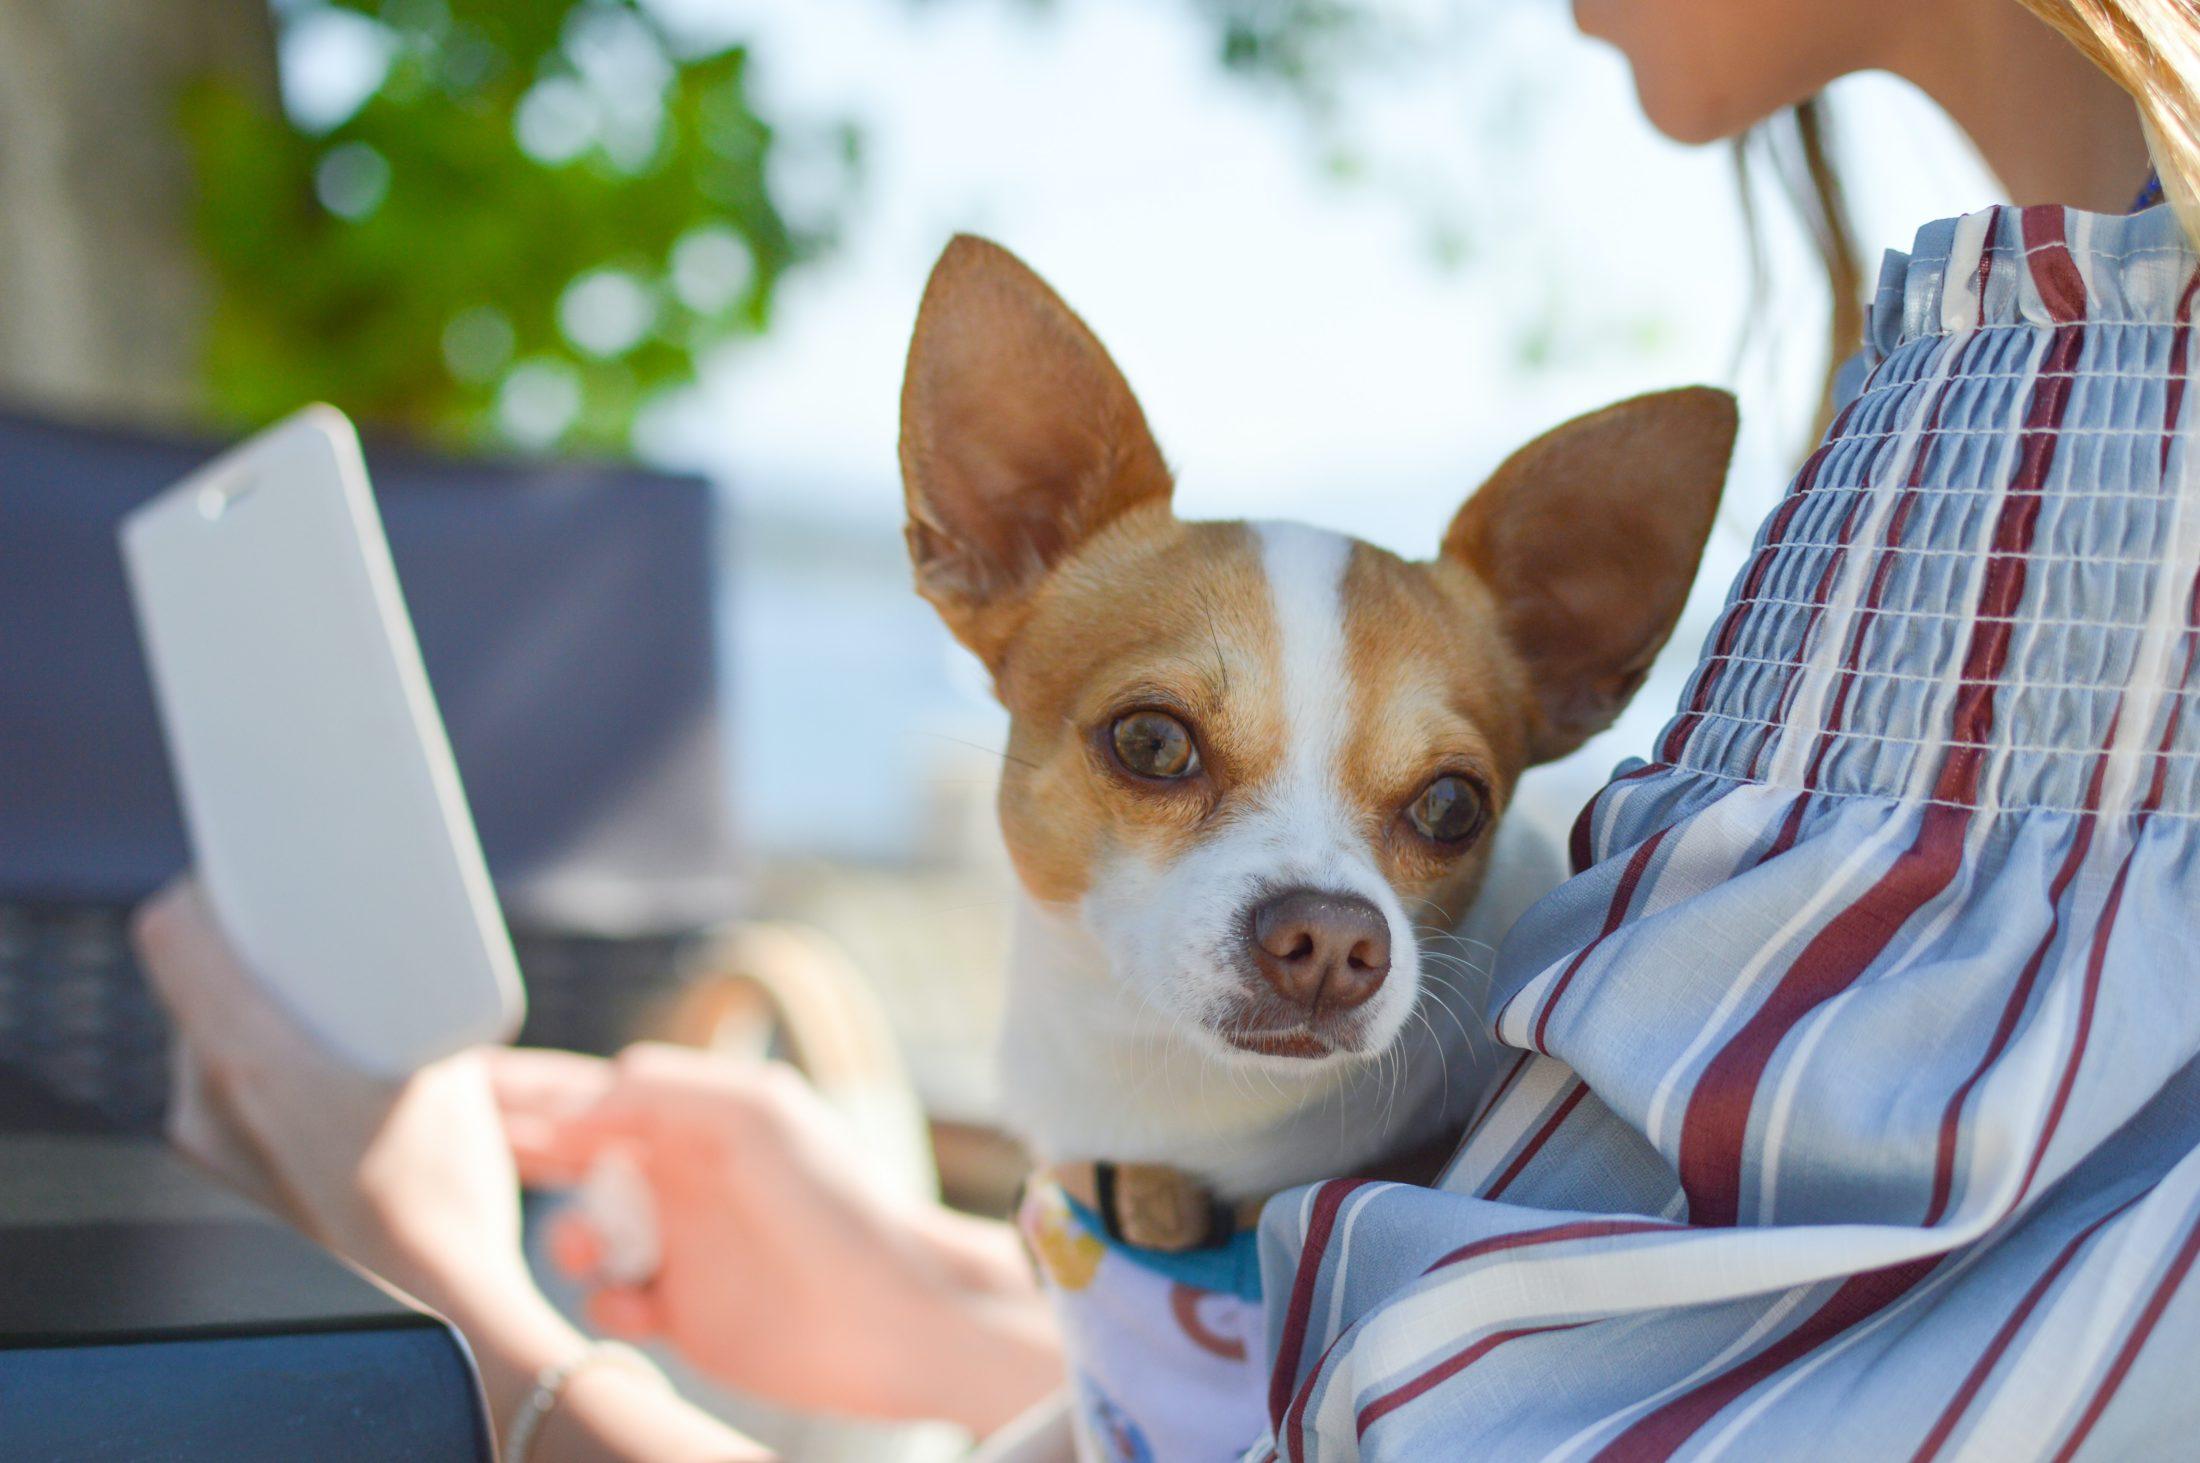 cachorro no colo da dona enquanto ela trabalha no celular